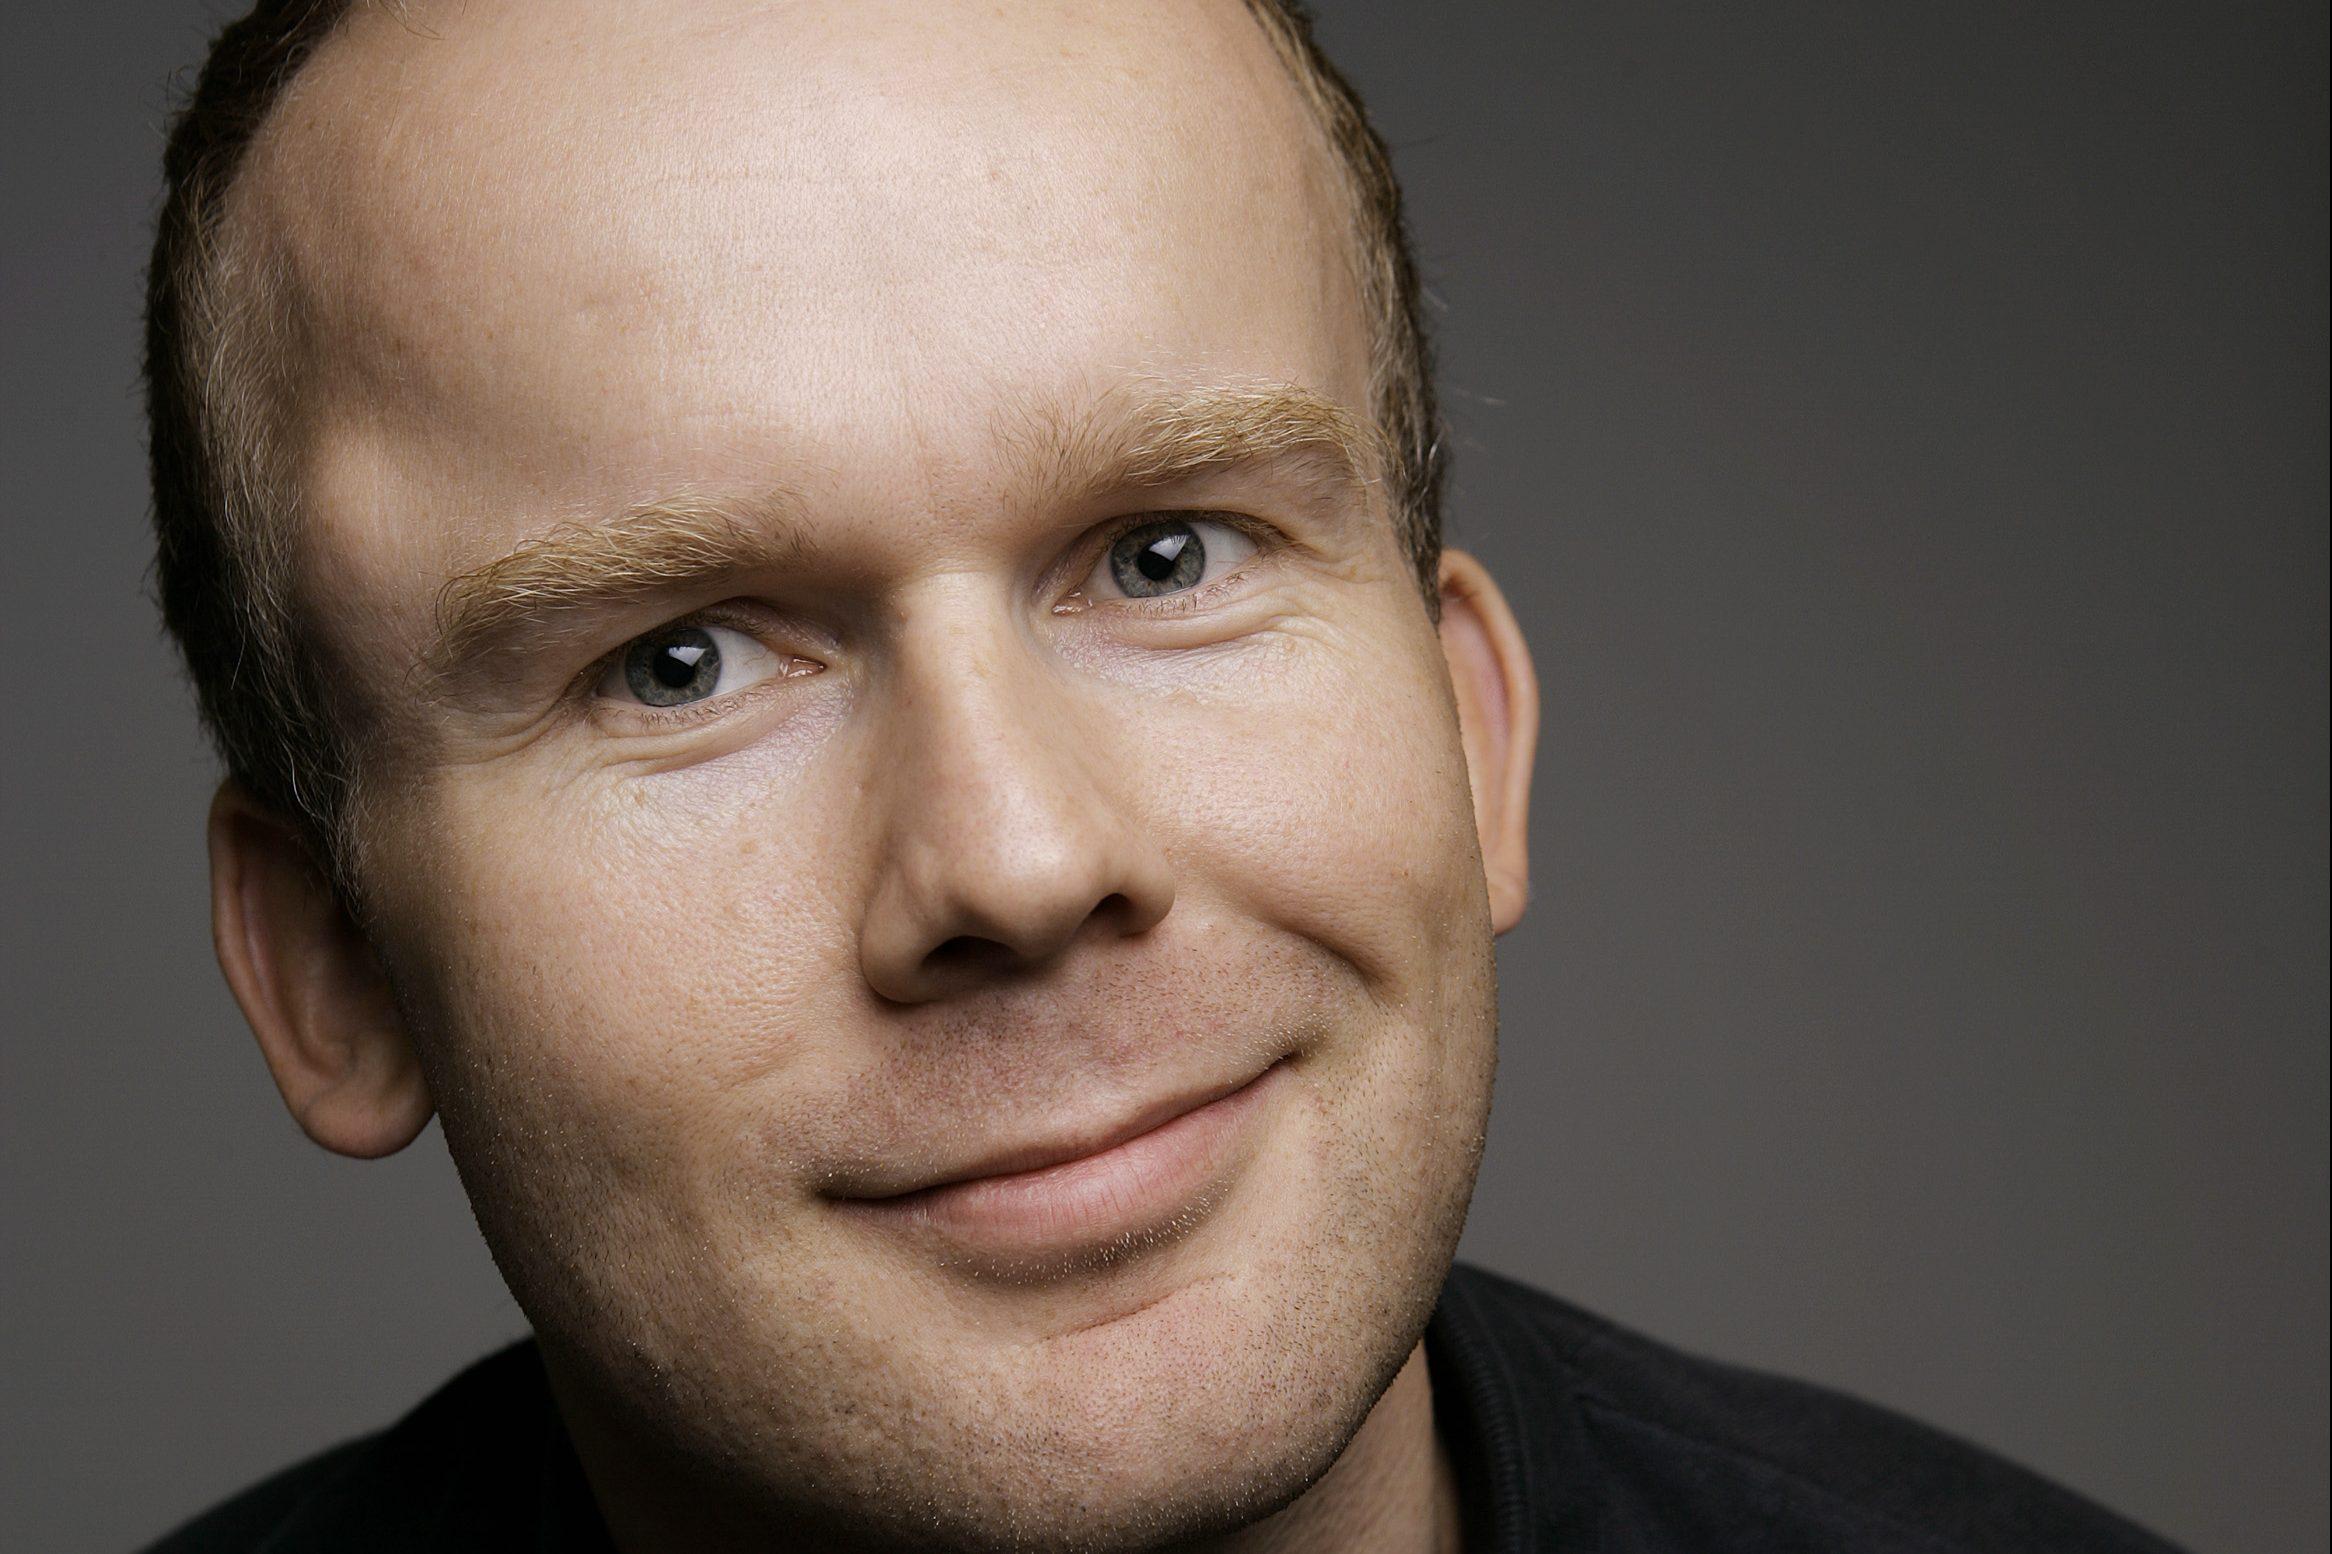 Morten Kølzow